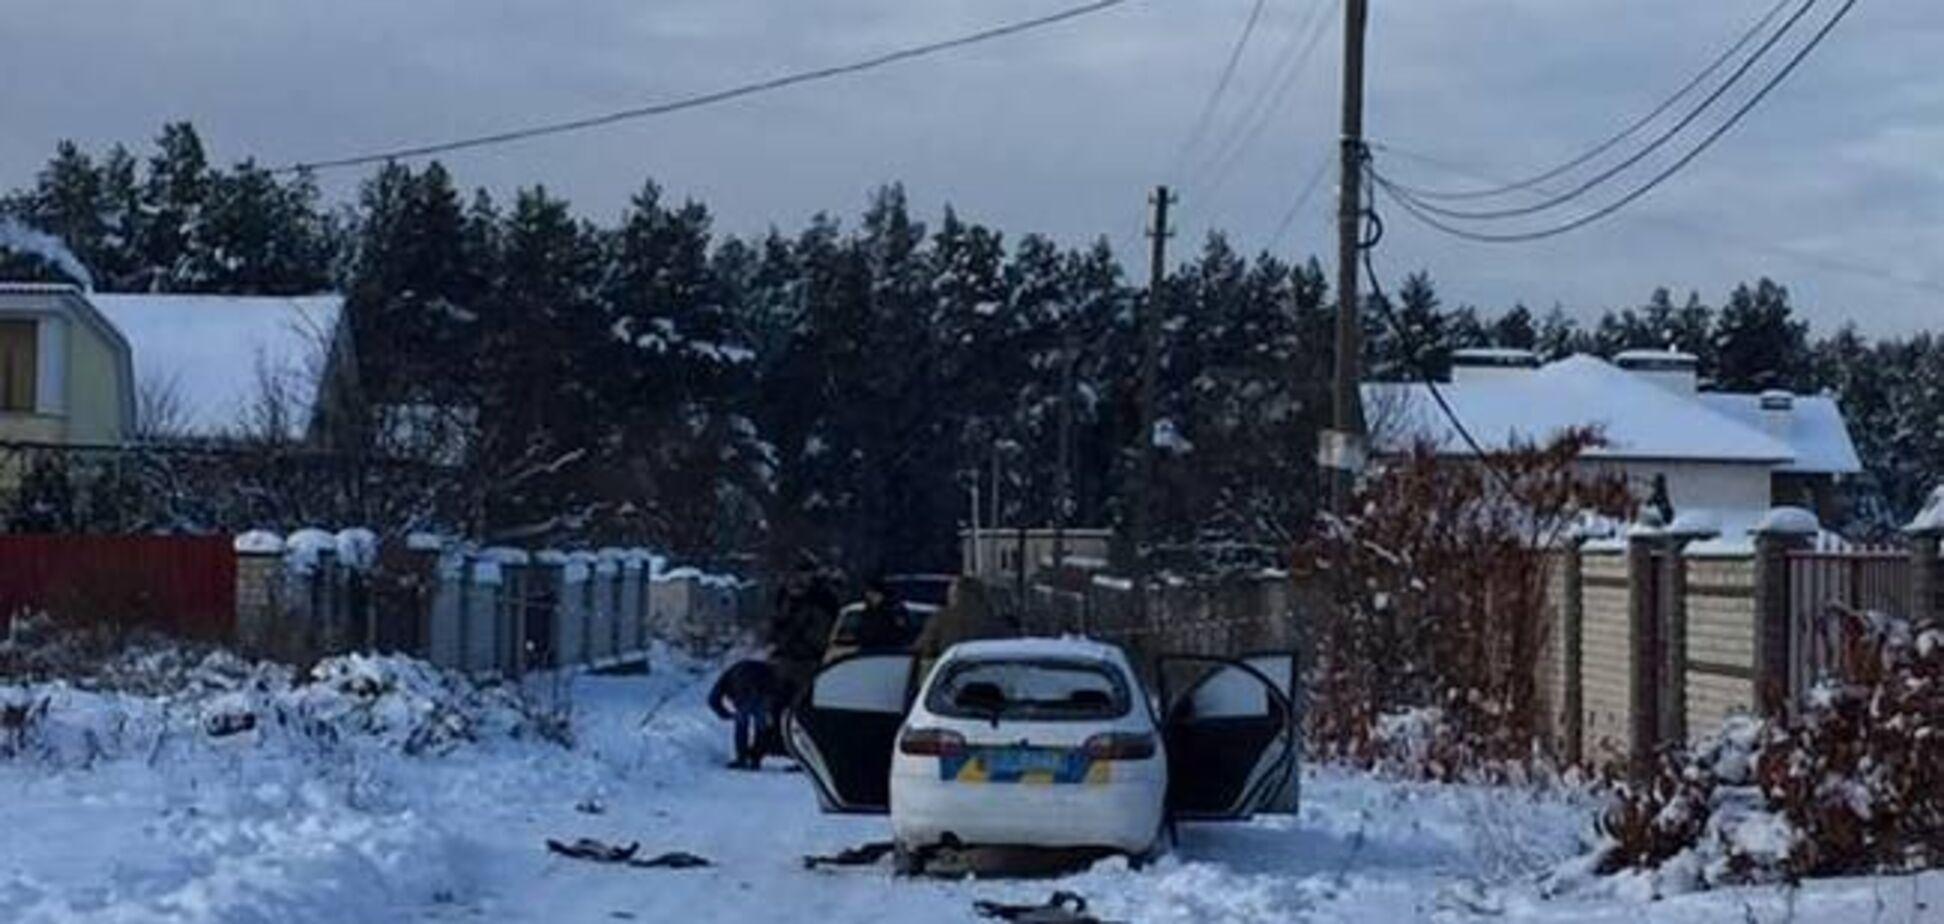 Трагедия в Княжичах: ГПУ сообщила о подозрении двум экс-топам из Нацполиции